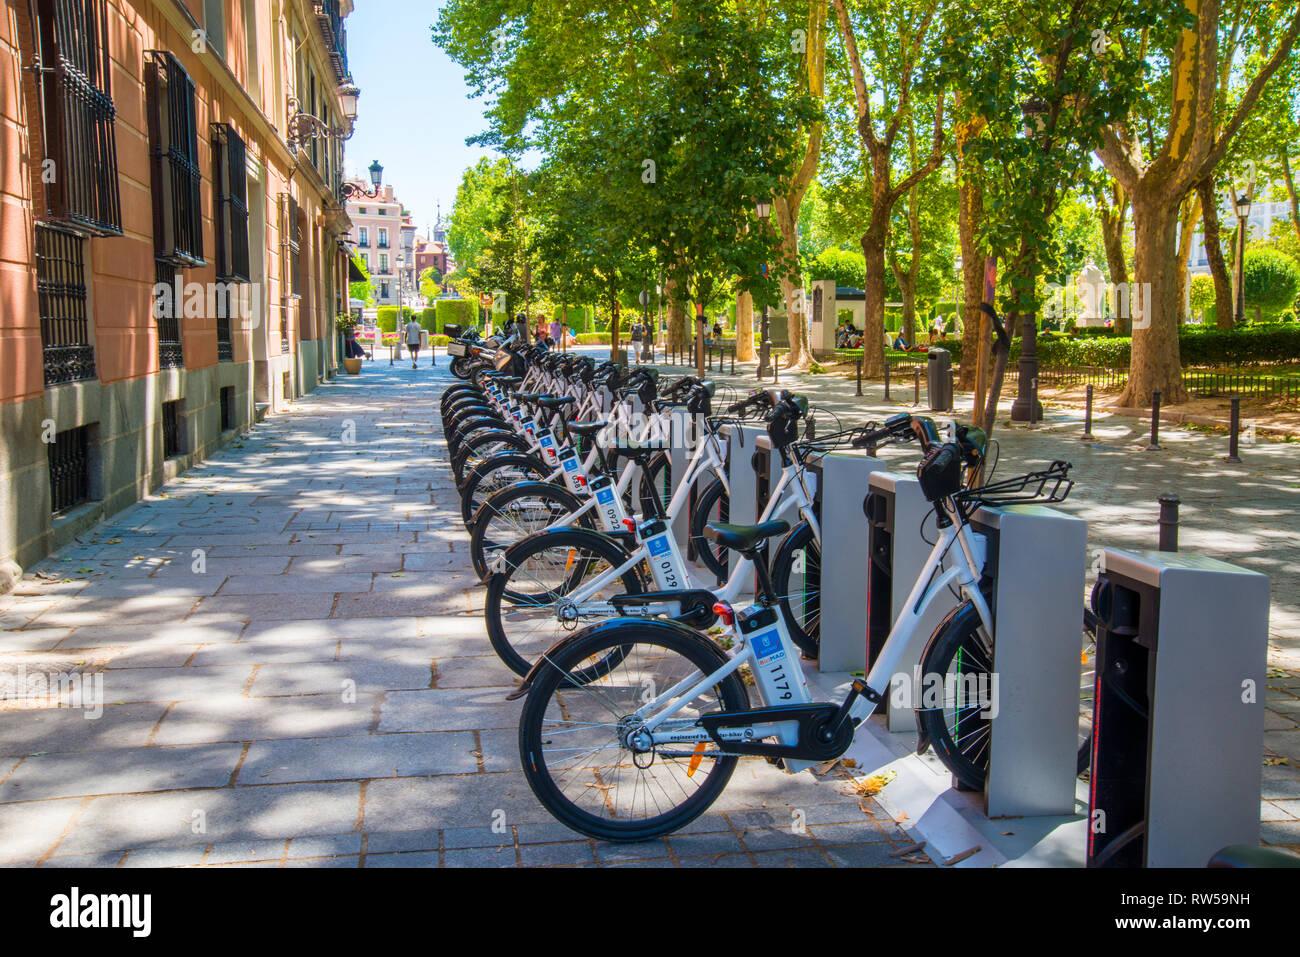 Hire bikes parking. Plaza de Oriente, Madrid, Spain. - Stock Image